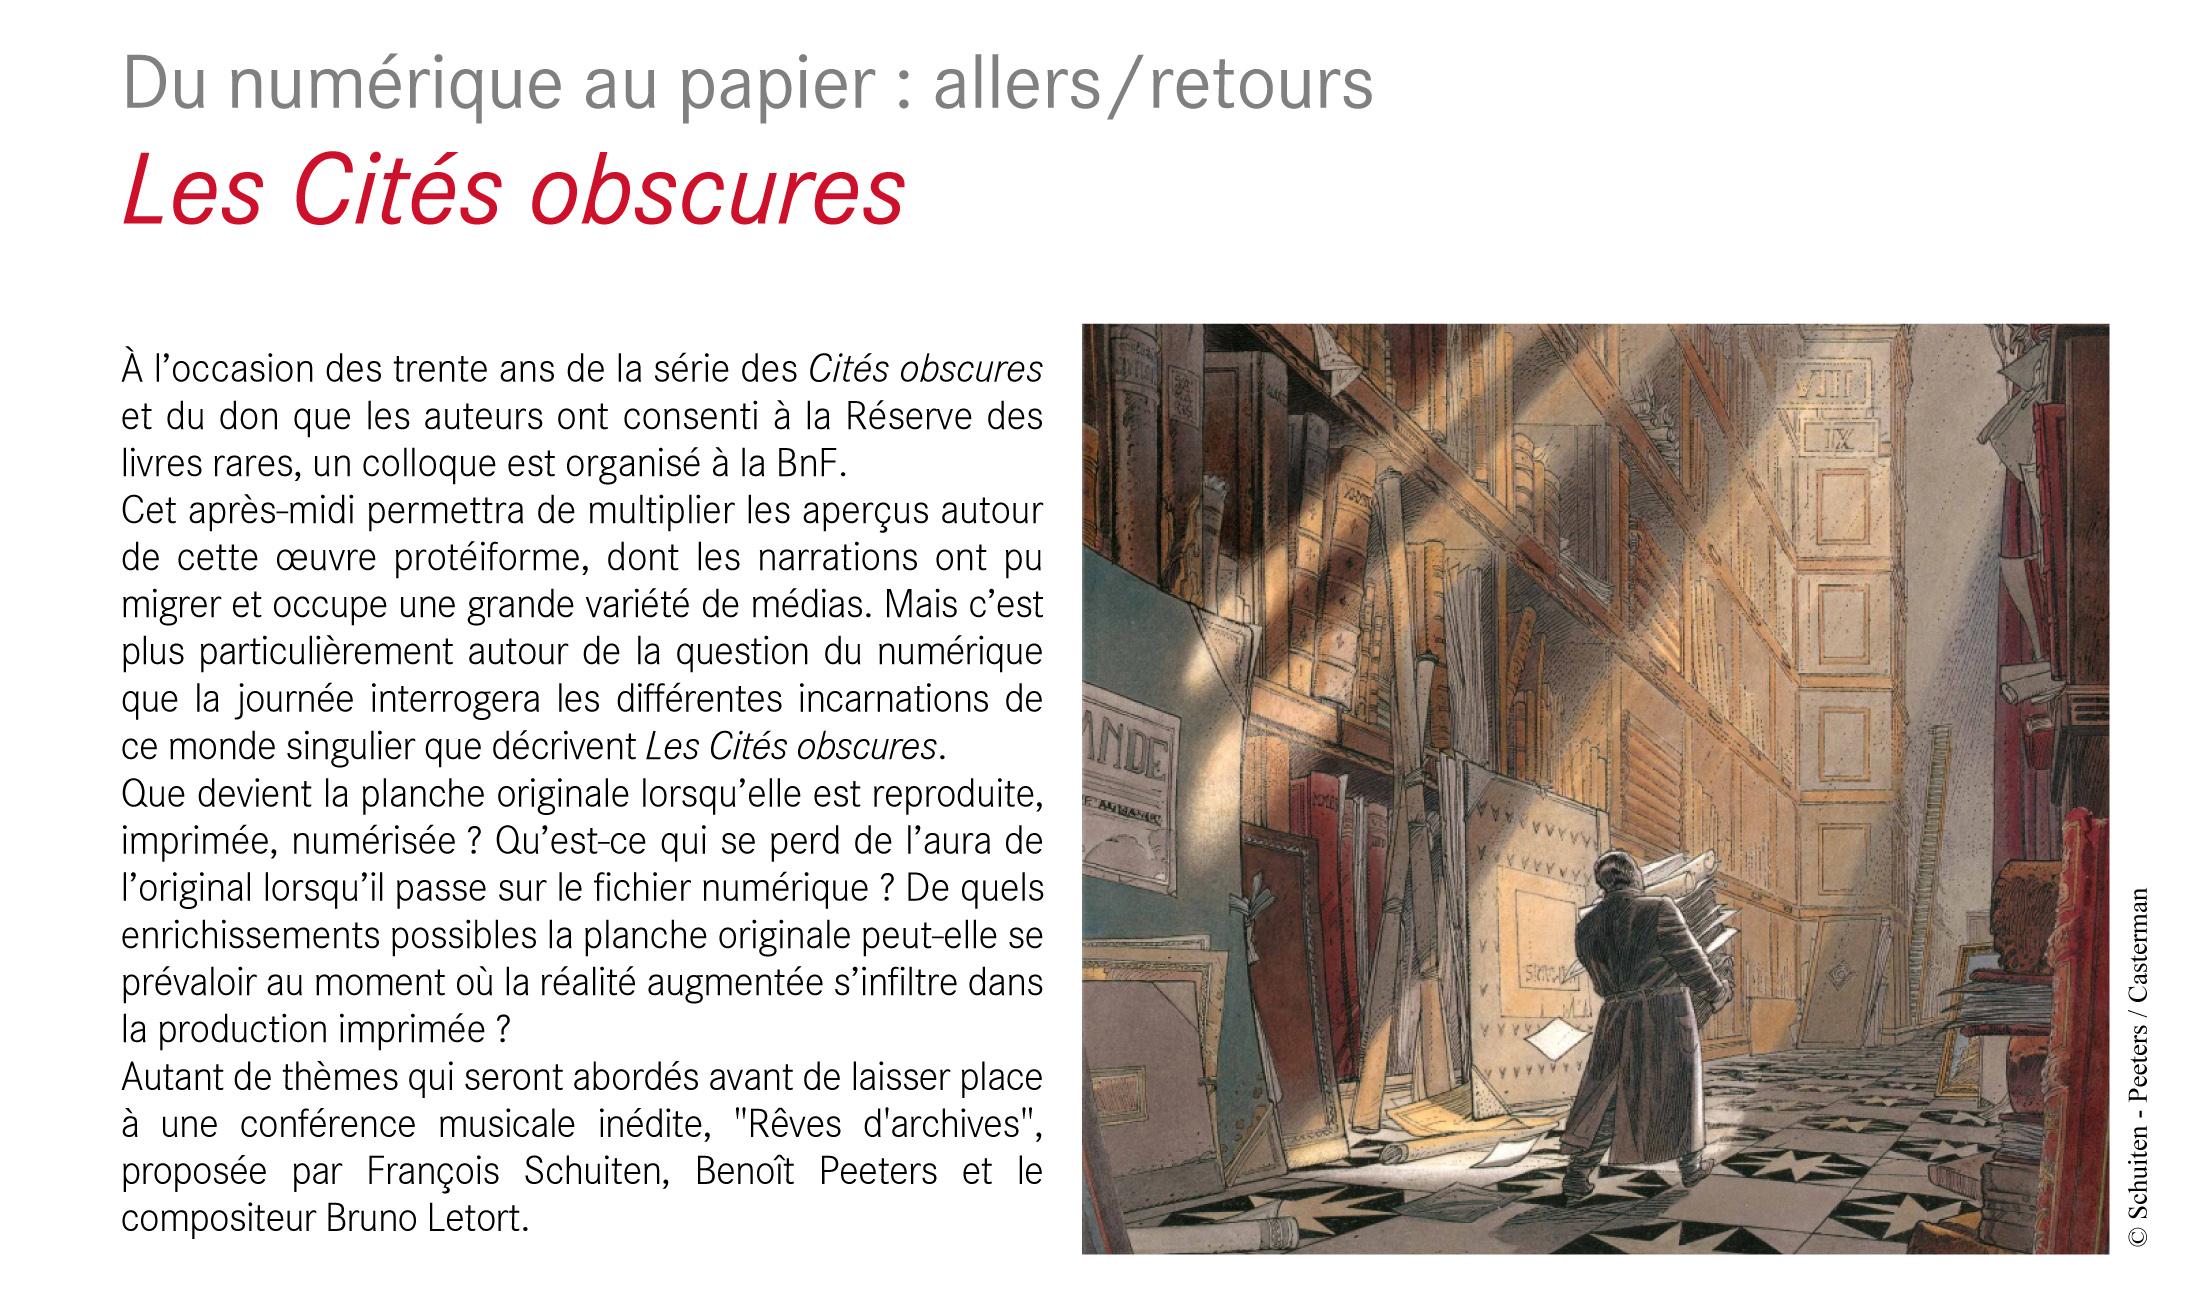 Du numérique au papier : allers/retours. Les Cités obscures